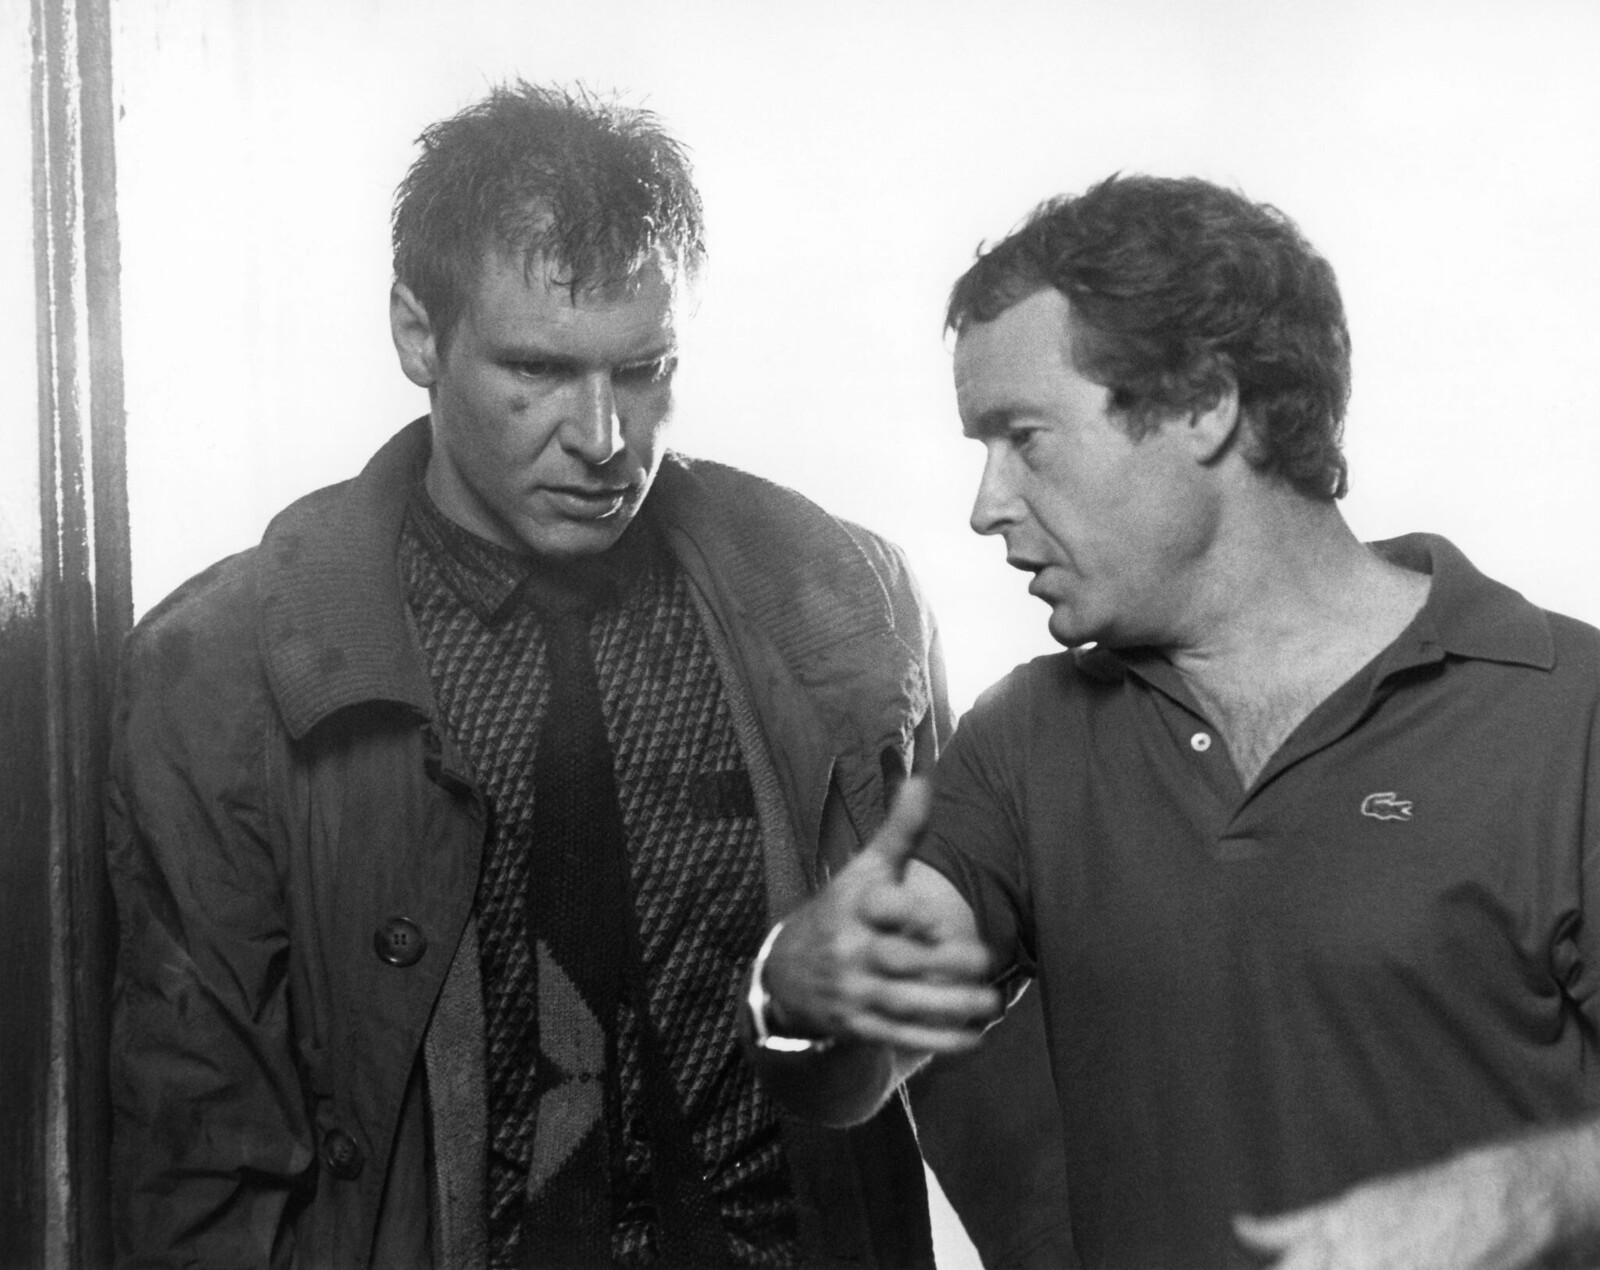 Харрисон Форд и Ридли Скотт на съемках фильма «Бегущий по лезвию»